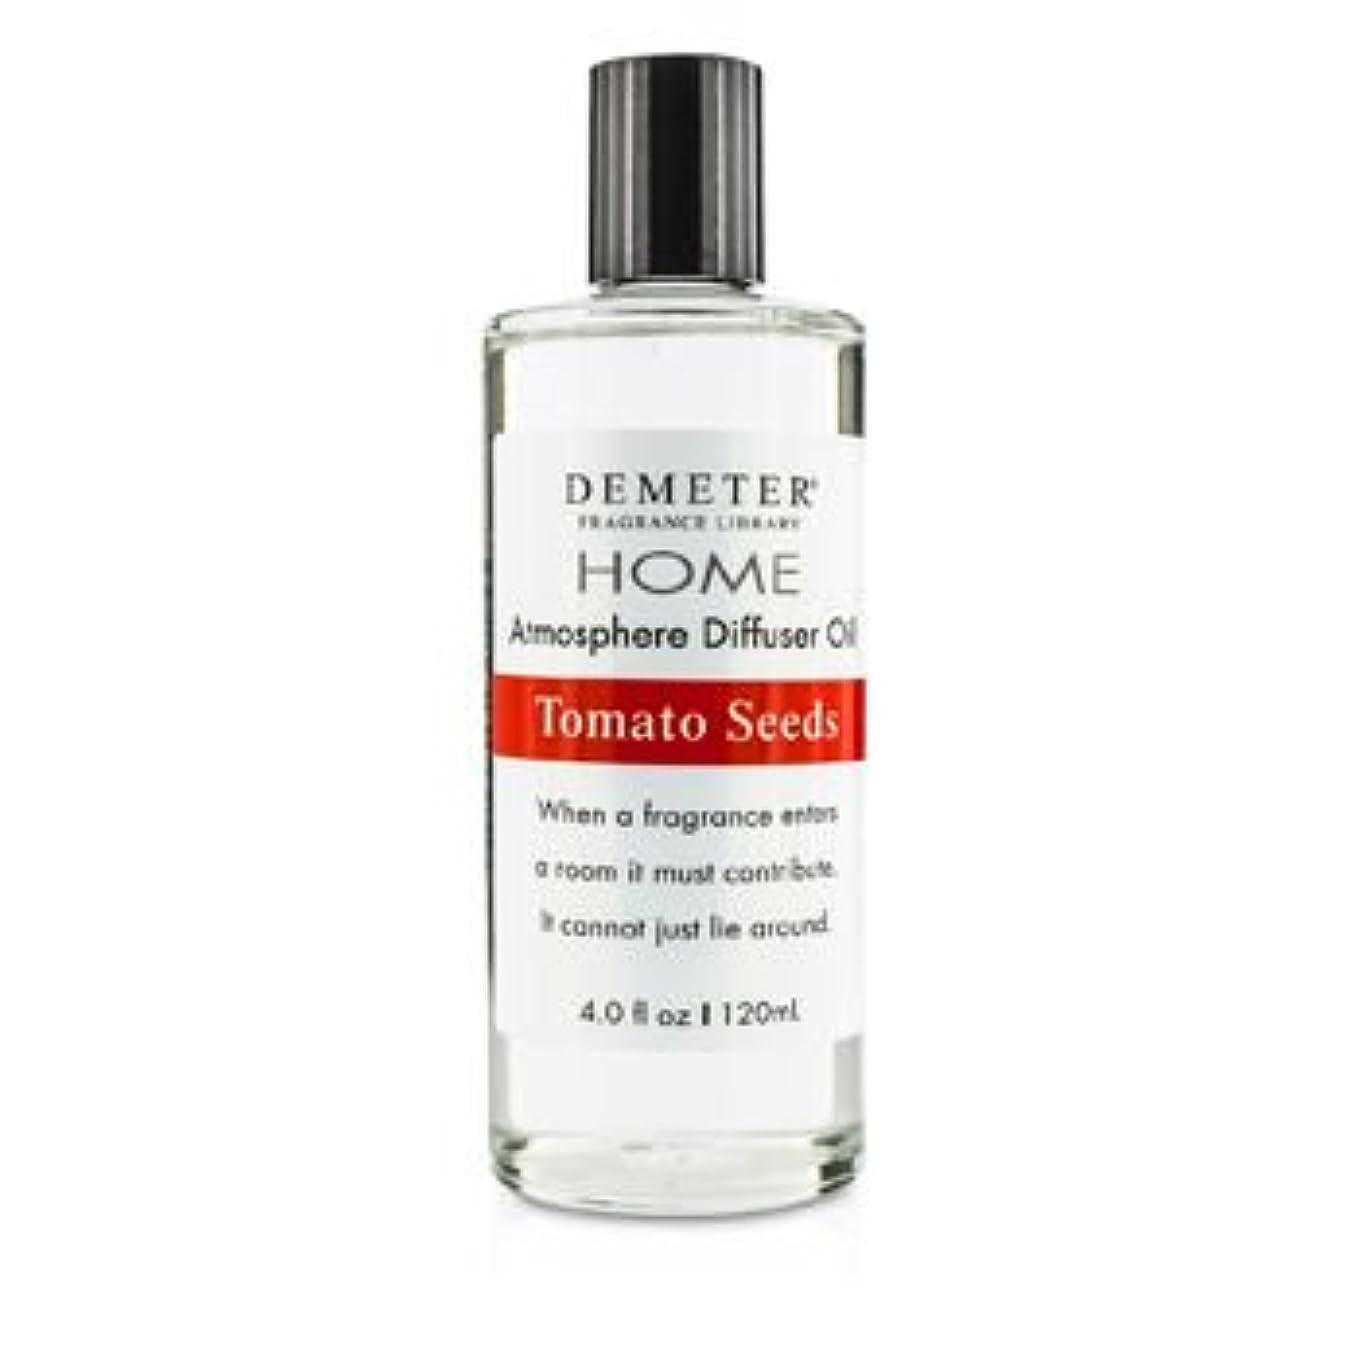 させる献身遮る[Demeter] Atmosphere Diffuser Oil - Tomato Seeds 120ml/4oz